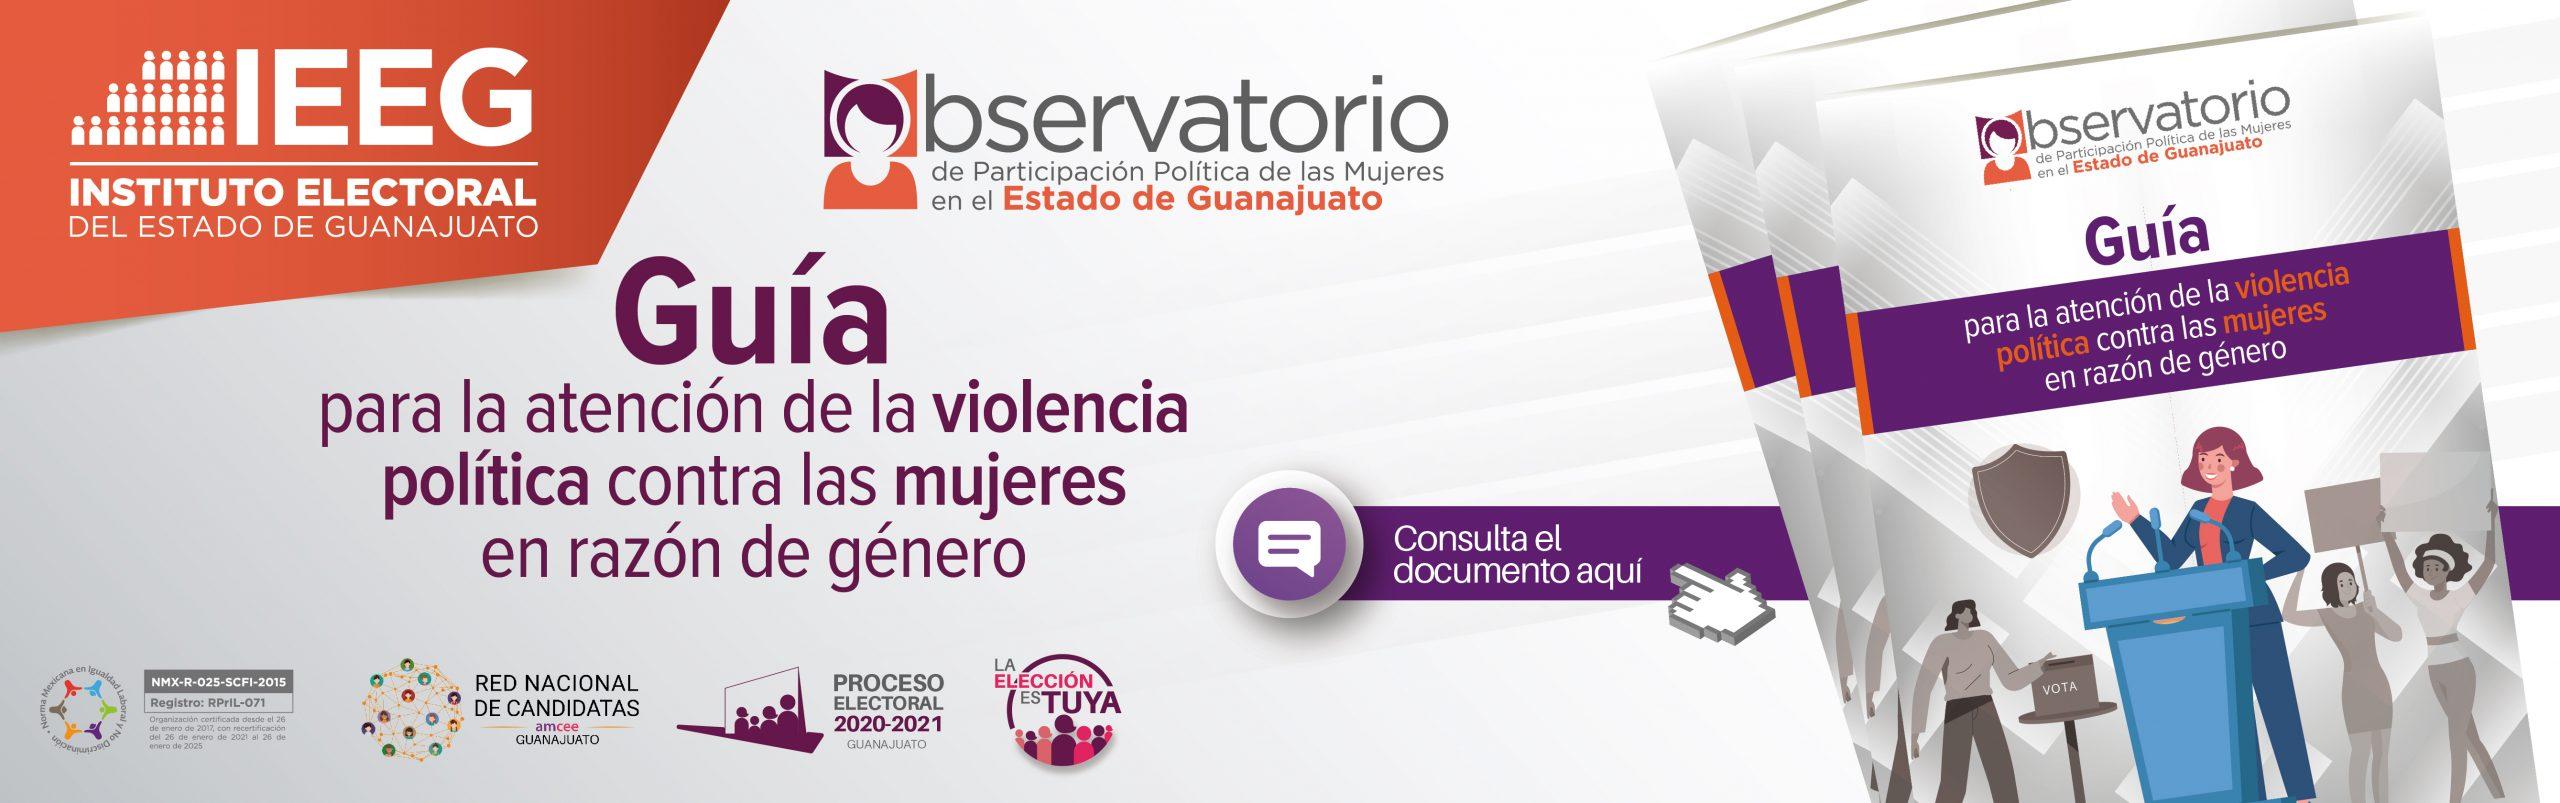 Consulta aquí la guía para la atención de la violencia política contra las mujeres en razón de género